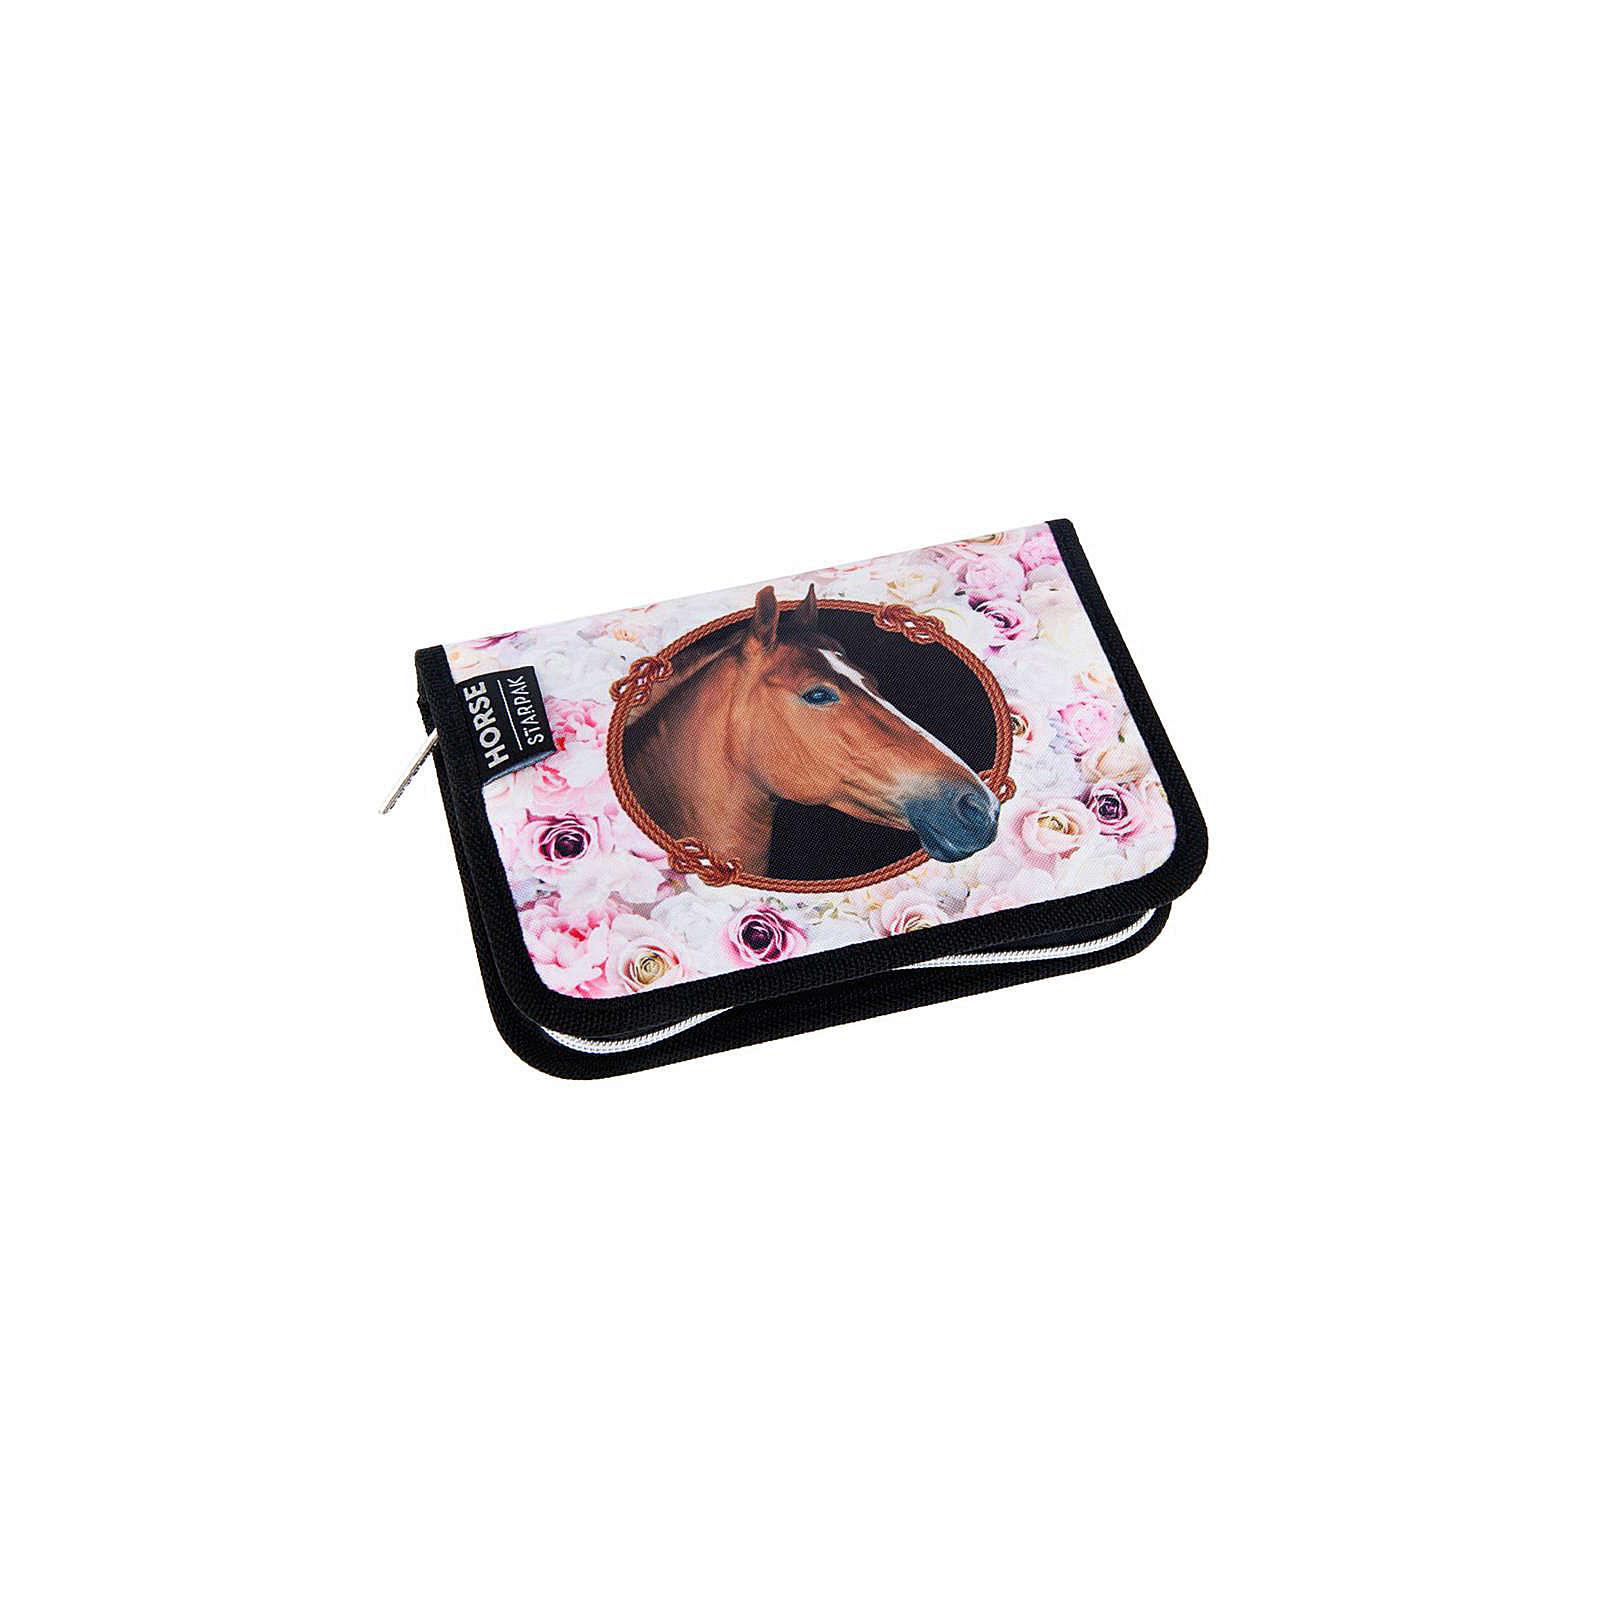 Starpak Federmäppchen HORSES, mit Zubehör rosa/grau Mädchen